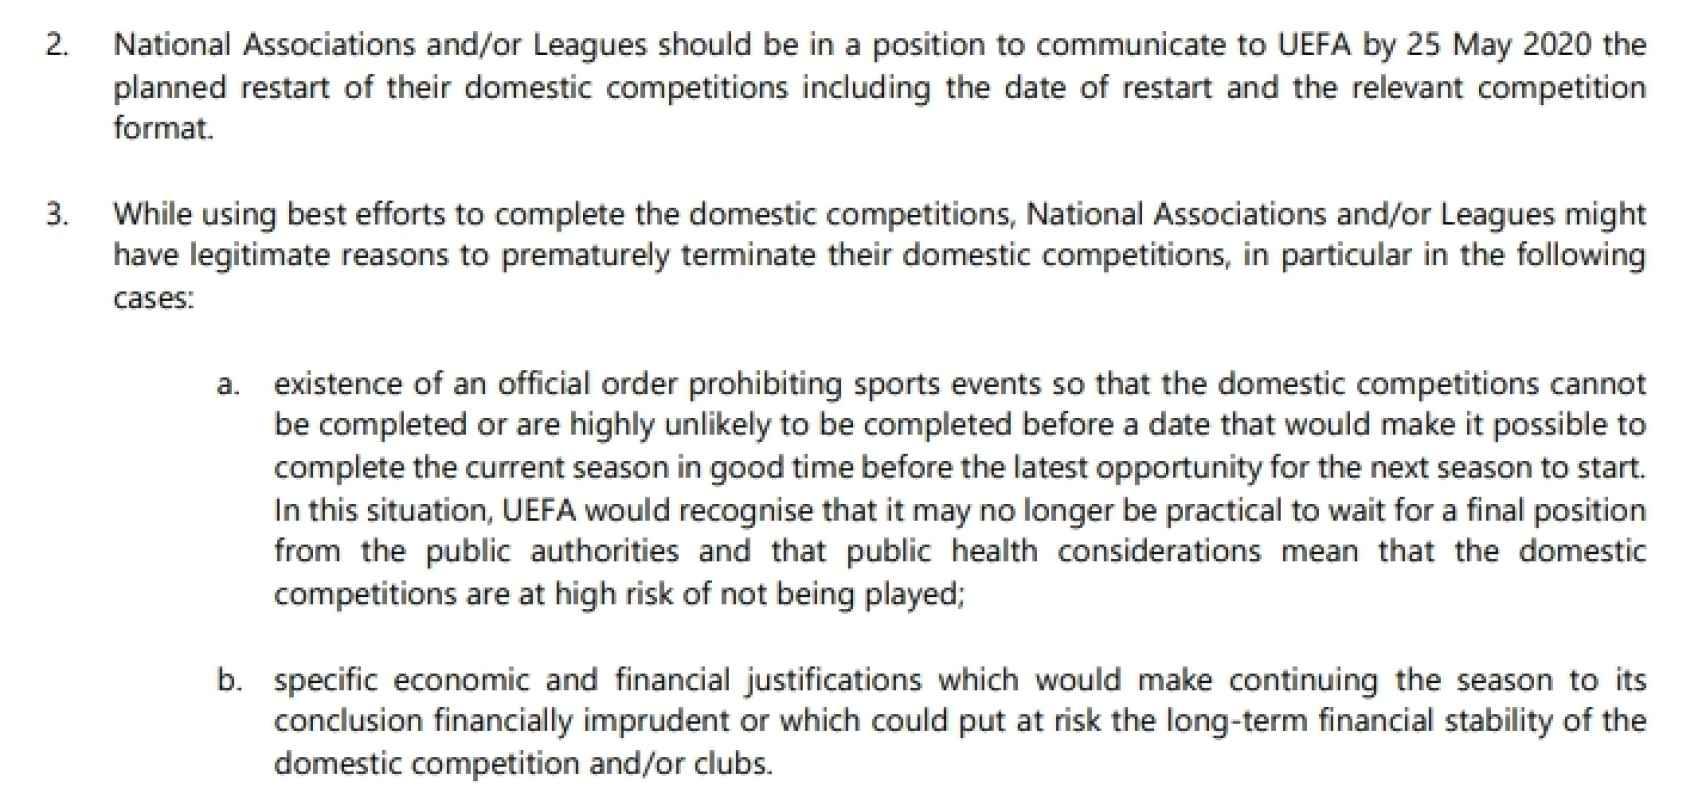 Los criterios de UEFA para admitir la cancelación de una competición de esta temporada